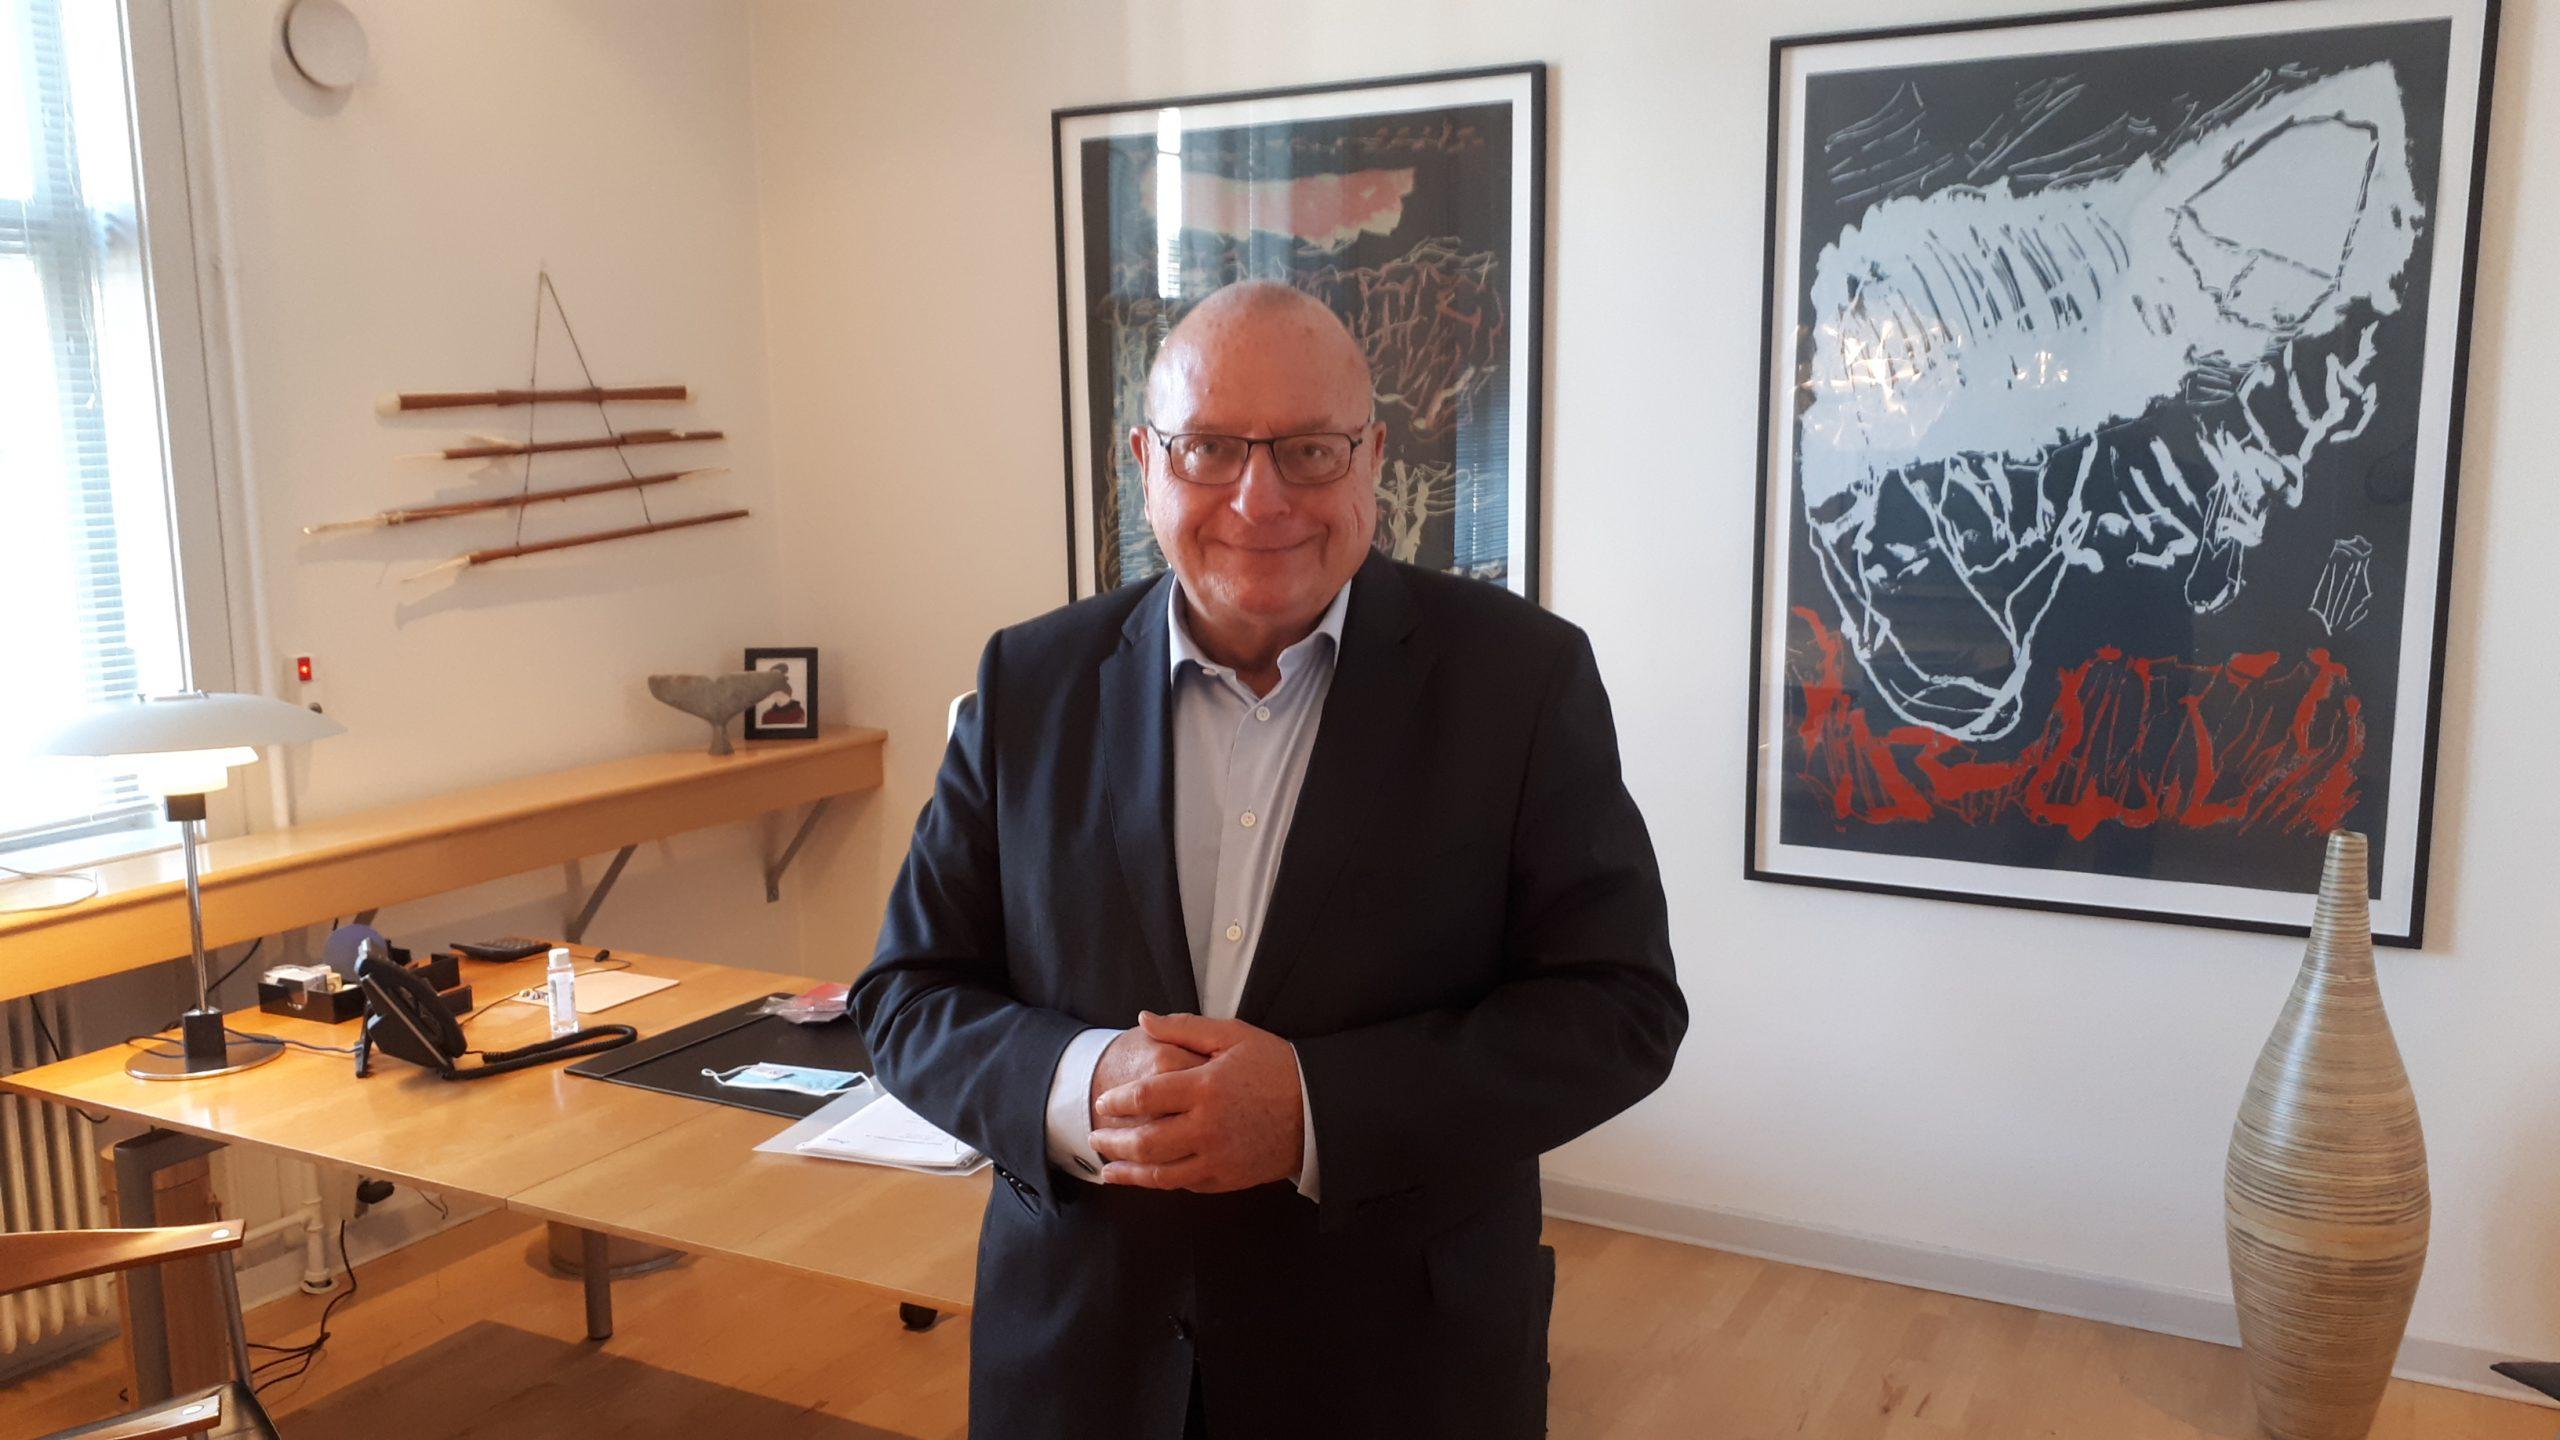 Jens Zimmer Christensen takker ved HORESTA's repræsentantskabsmøde til maj af som formand for både HORESTA's brancheforening og arbejdsgiverforening. Her er han på formandskontoret på HORESTA's hovedkontor. Foto: Henrik Baumgarten.